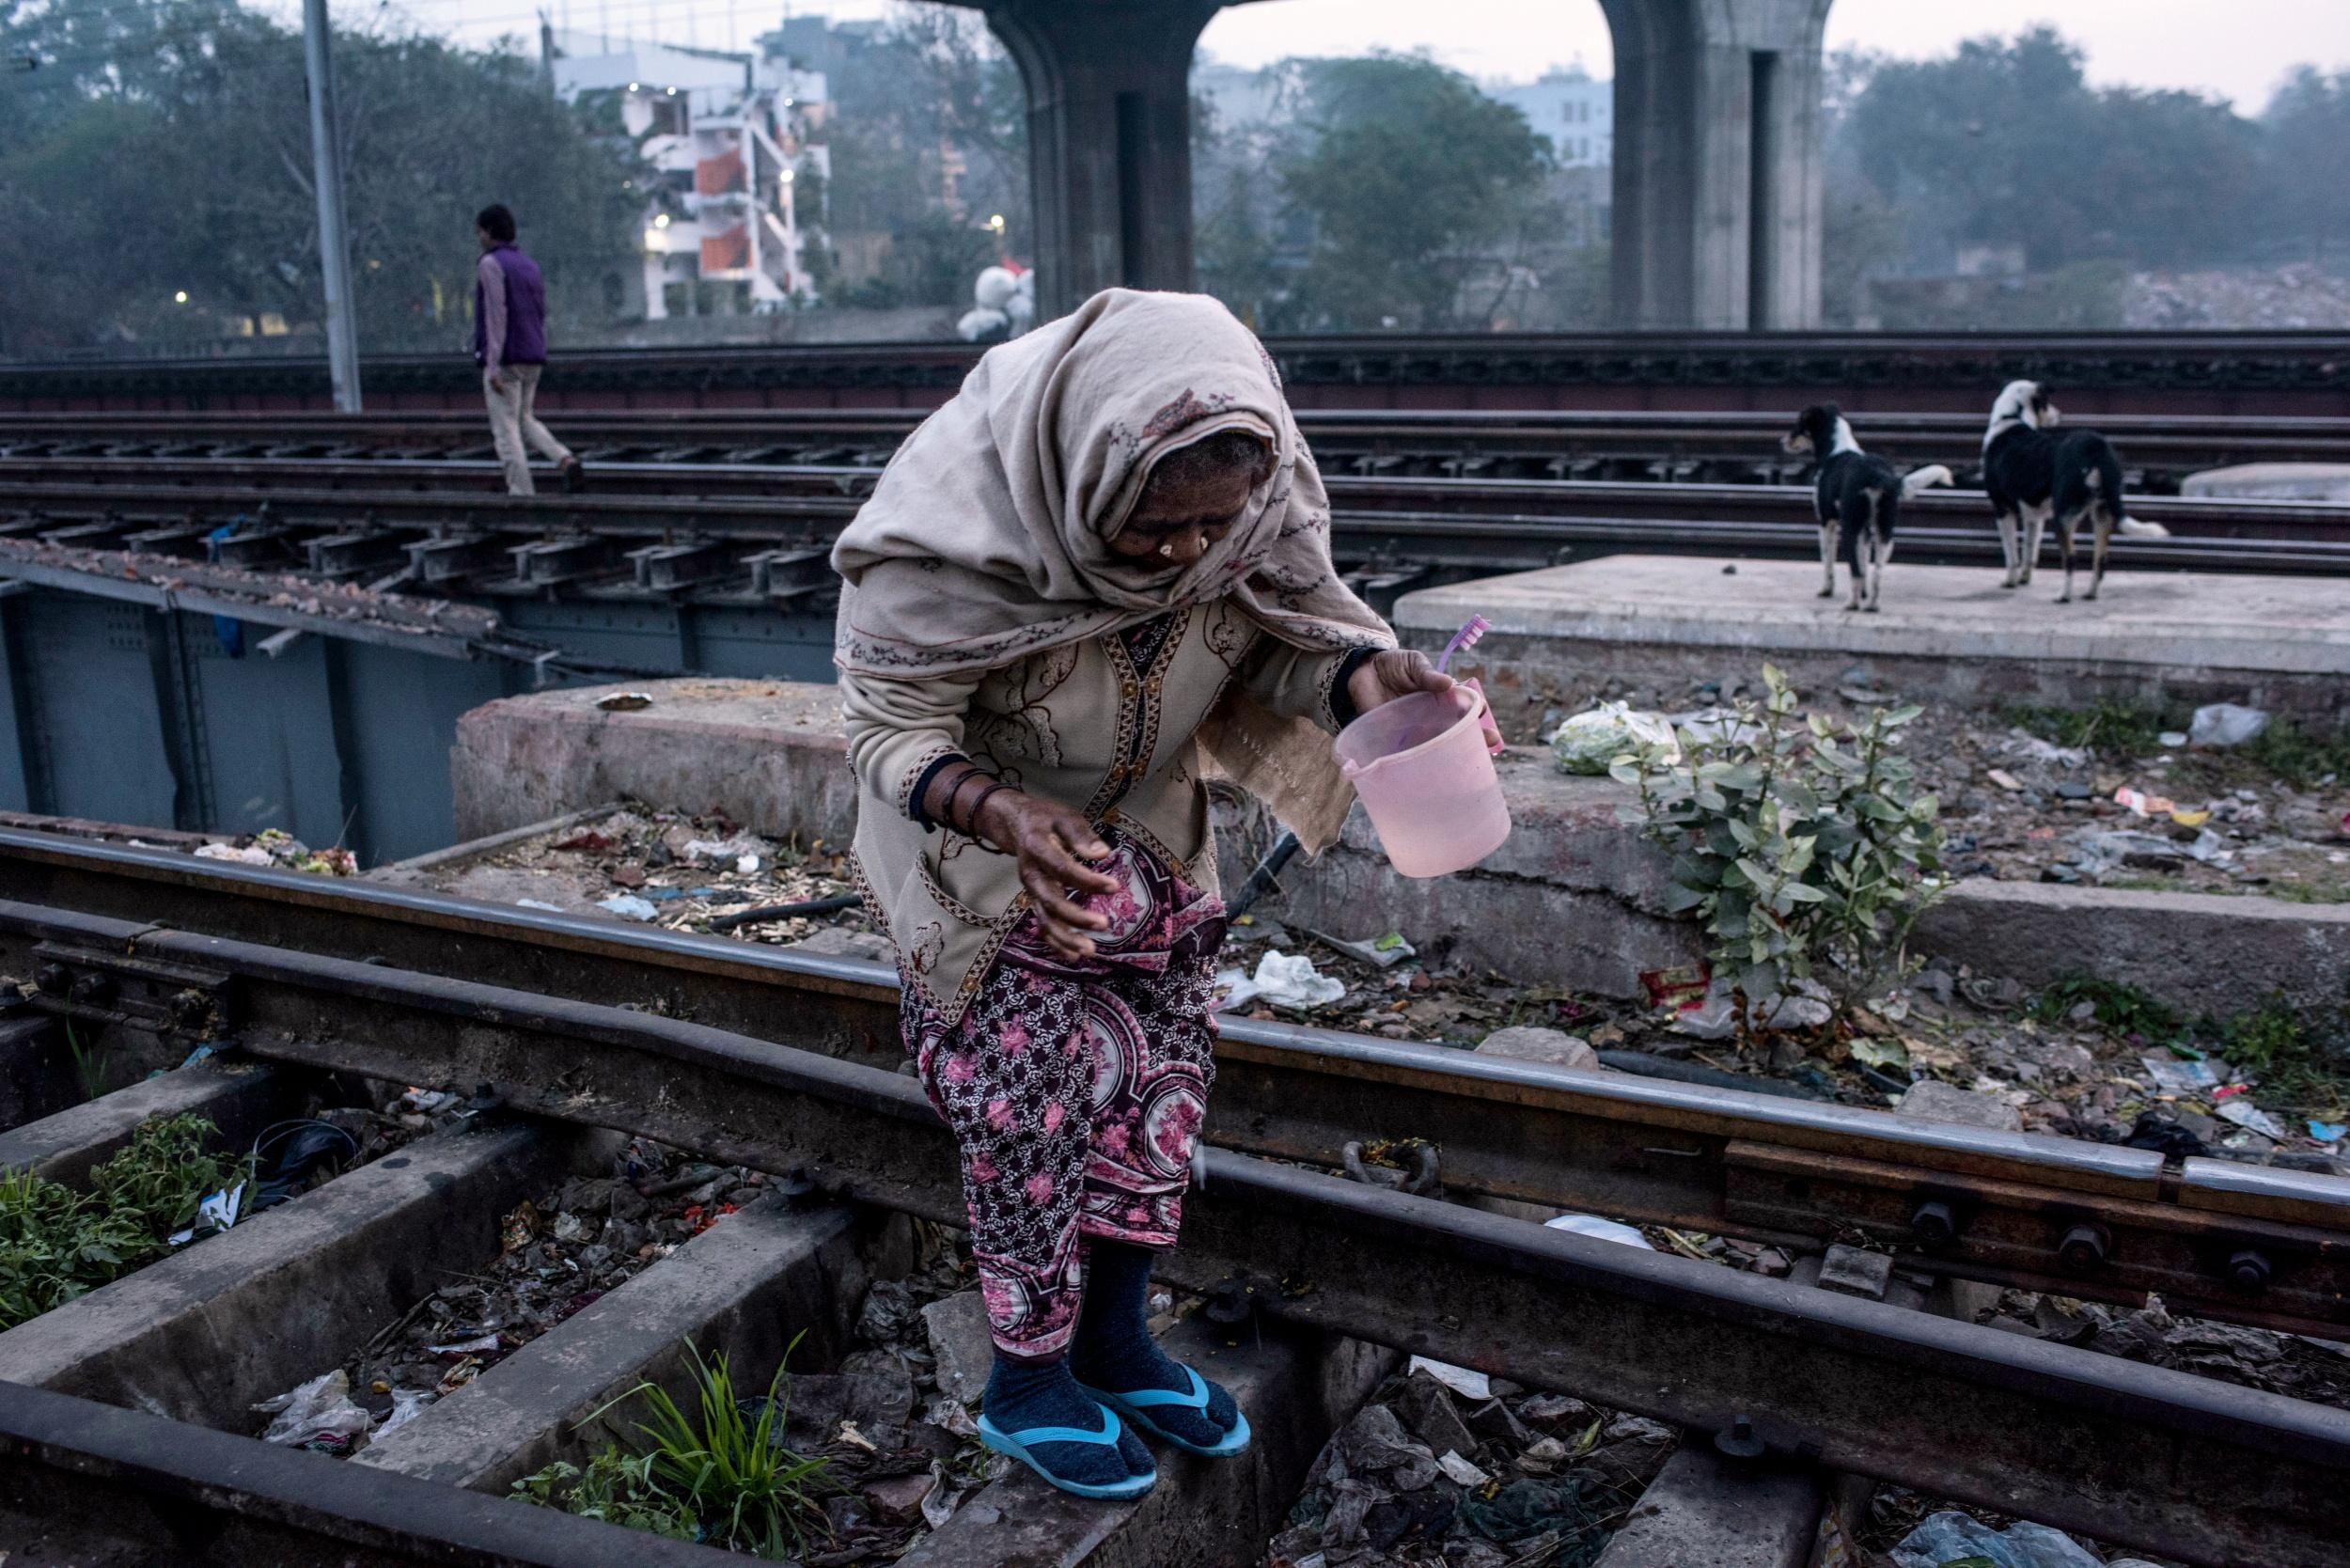 <p>MORGENTOILETTE<br /> In der indischen Stadt Nizamuddin sucht eine Frau nach einem ruhigen Ort</p>